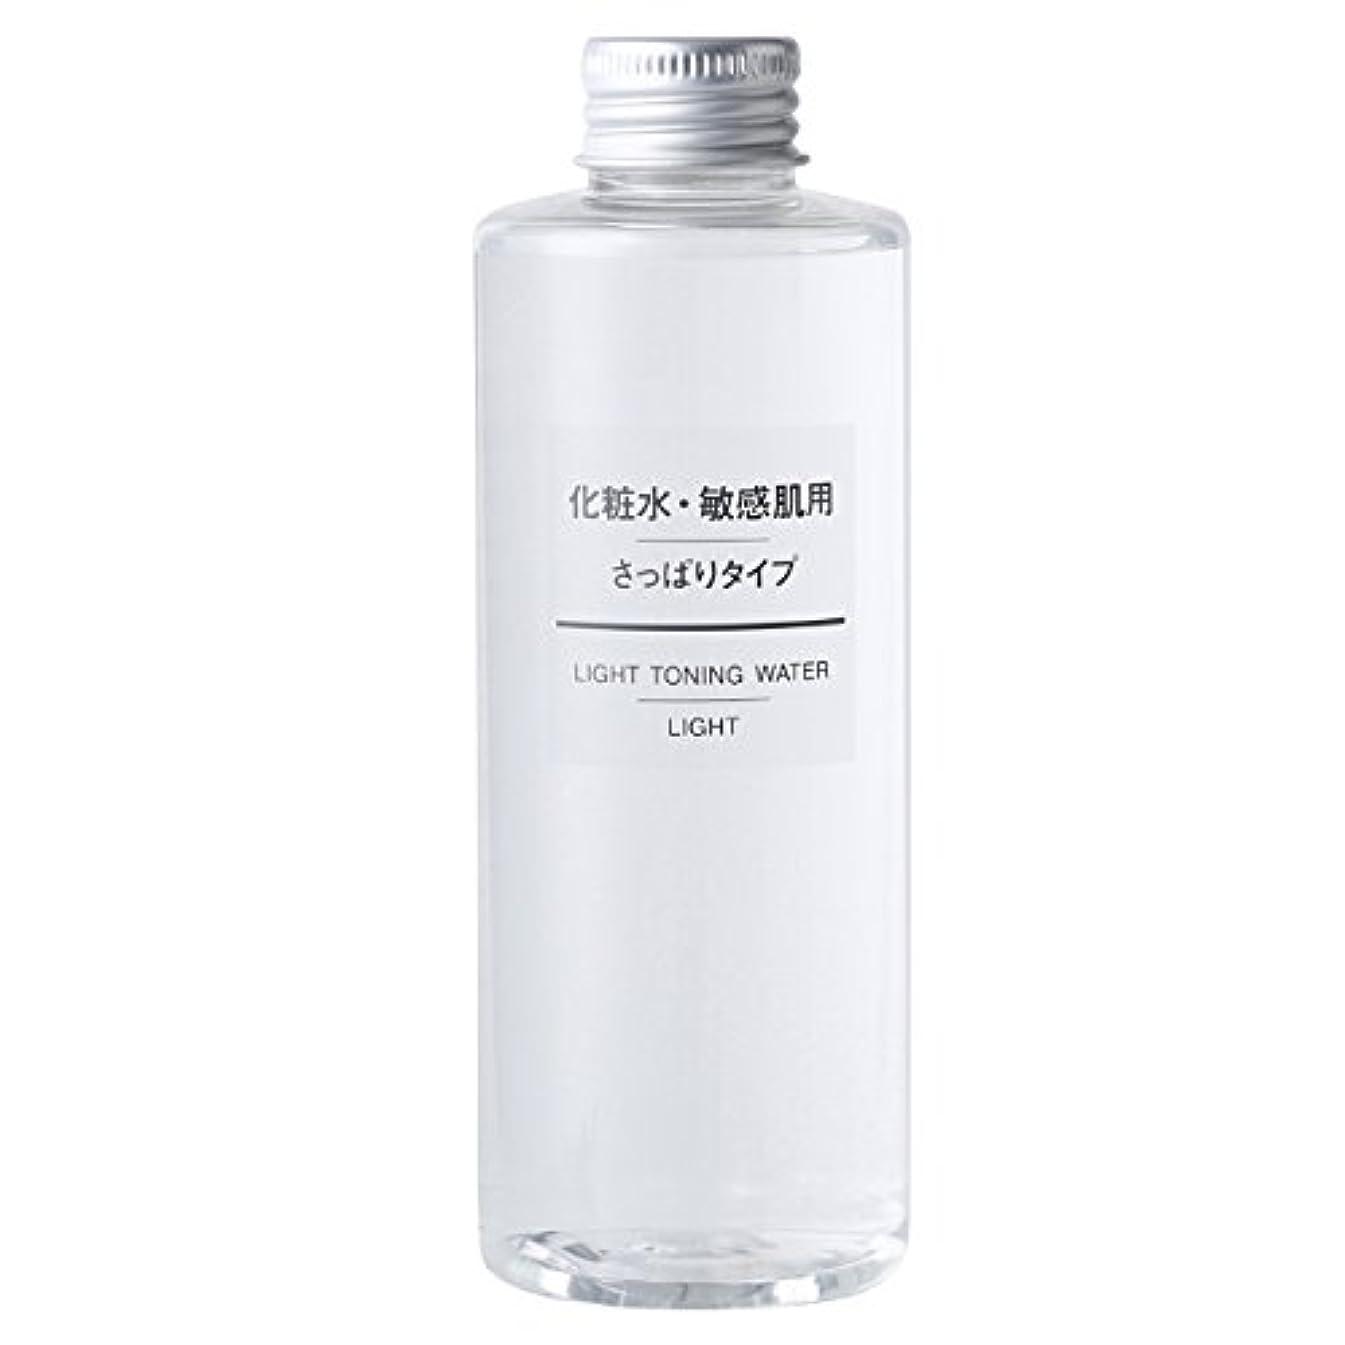 予言する思想ジョージハンブリー無印良品 化粧水?敏感肌用?さっぱりタイプ 200mL